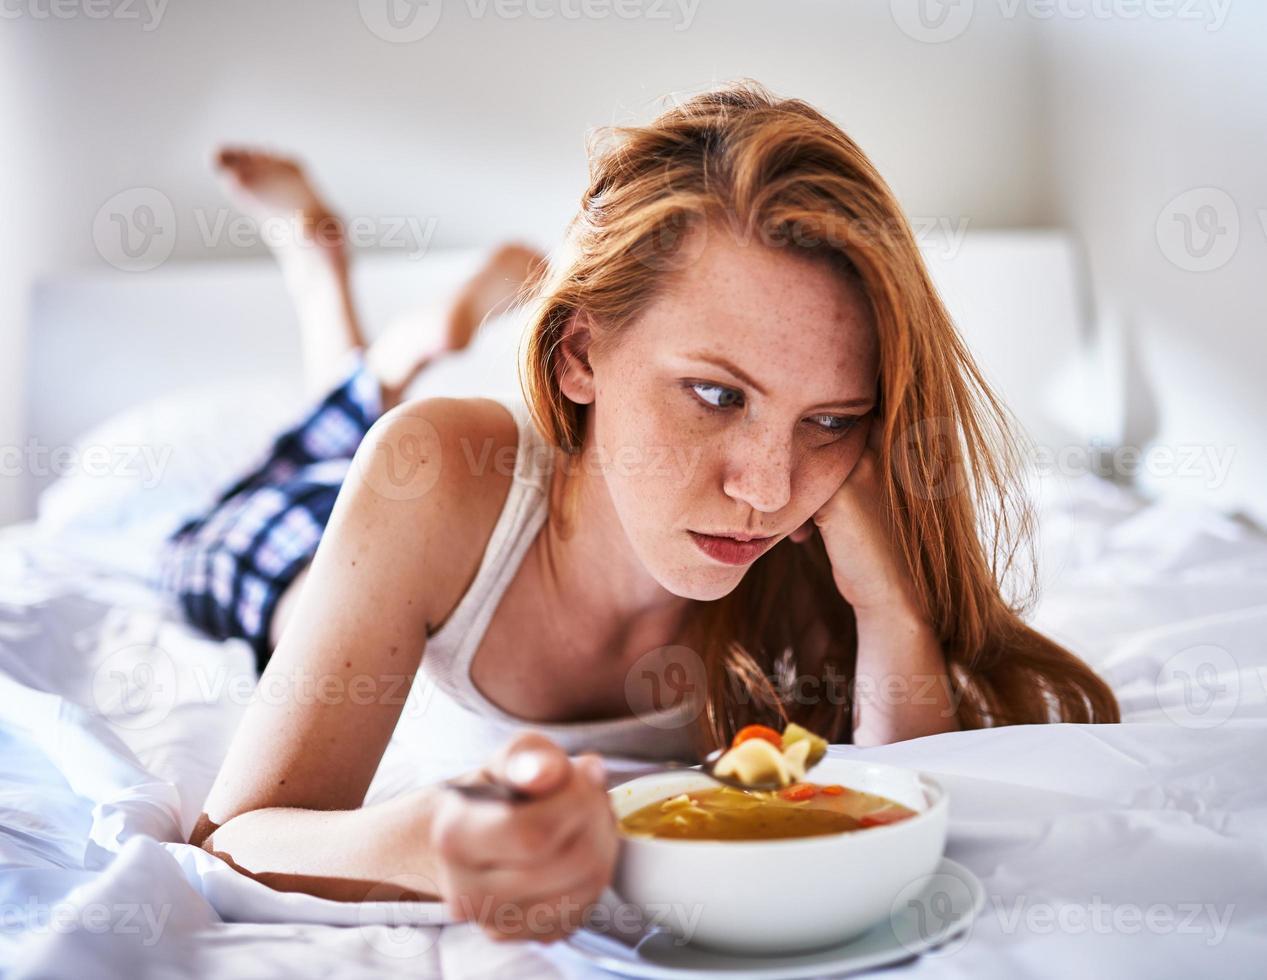 a letto a mangiare zuppa di noodle di pollo mentre è malato foto